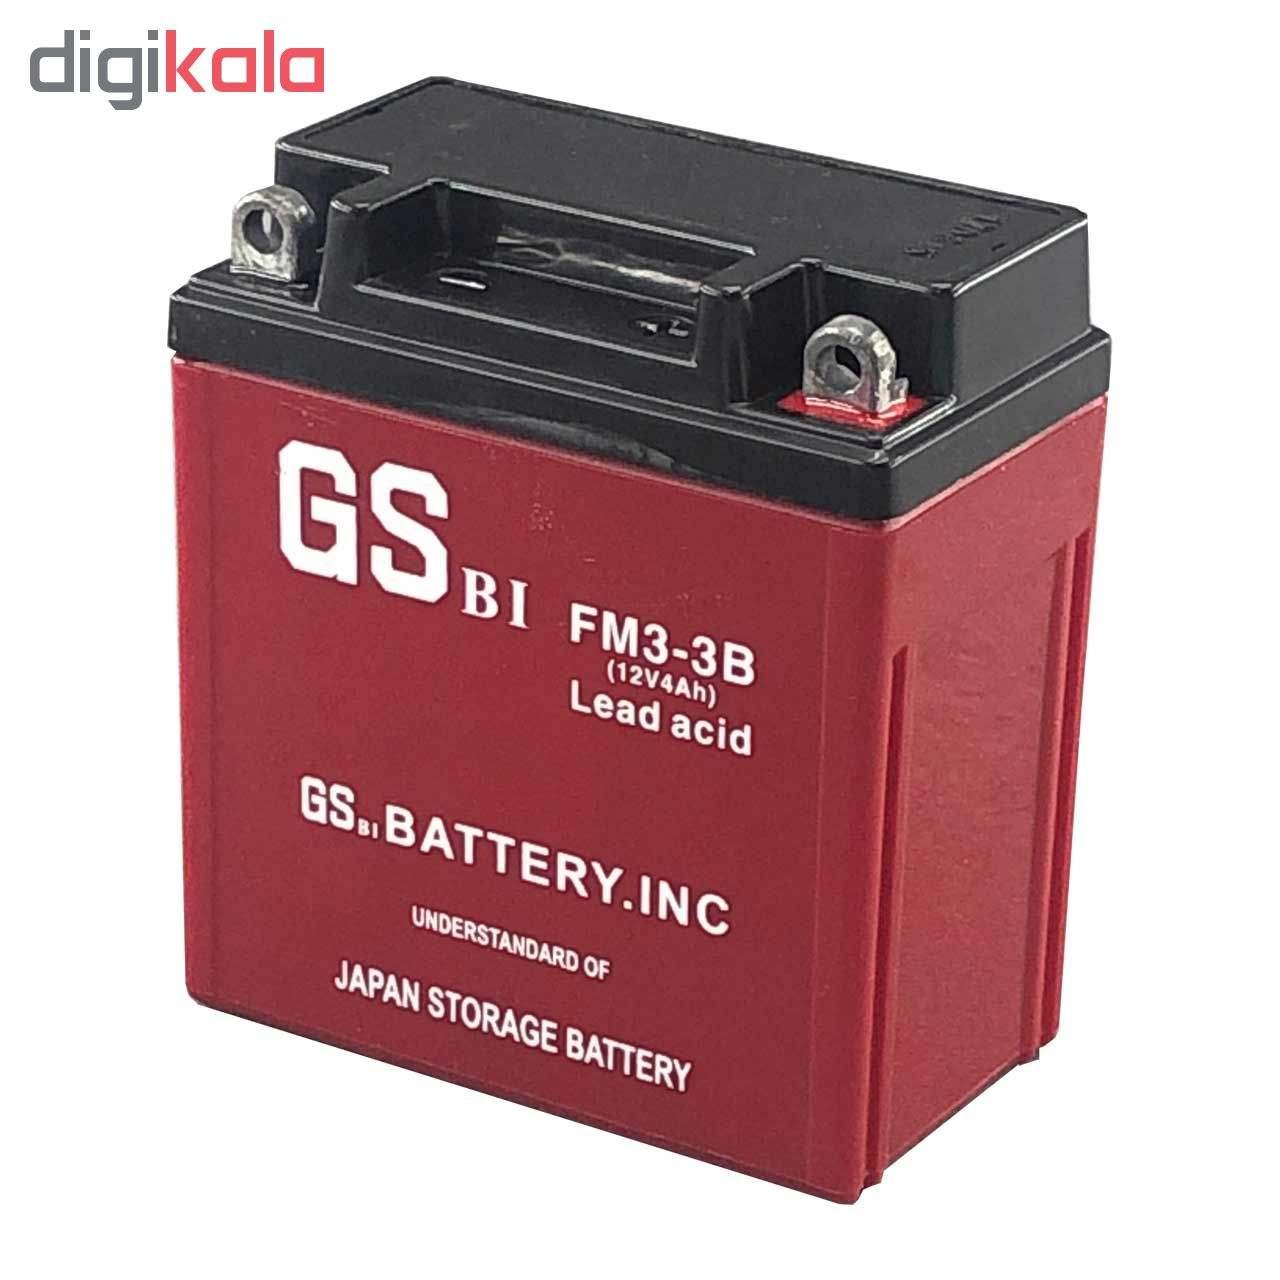 خرید اینترنتی با تخفیف ویژه باتری موتور سیکلت جی اس مدل 12N4